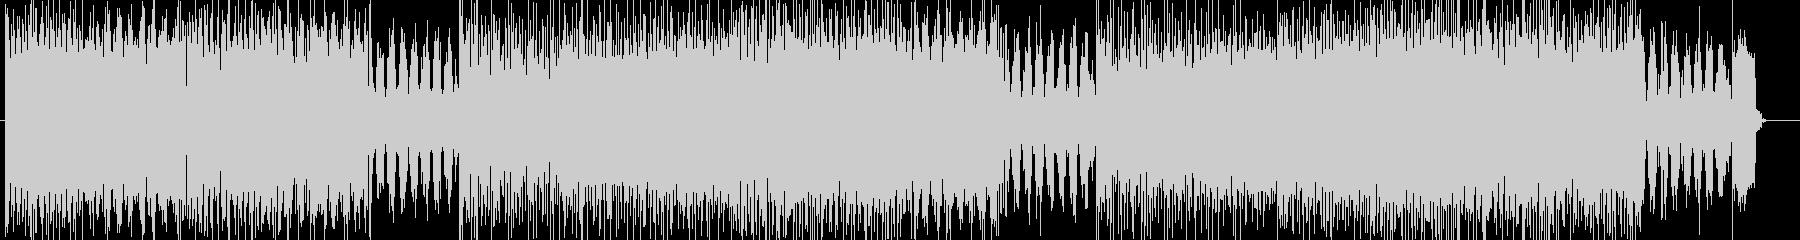 「HEAVY METAL」BGM115の未再生の波形